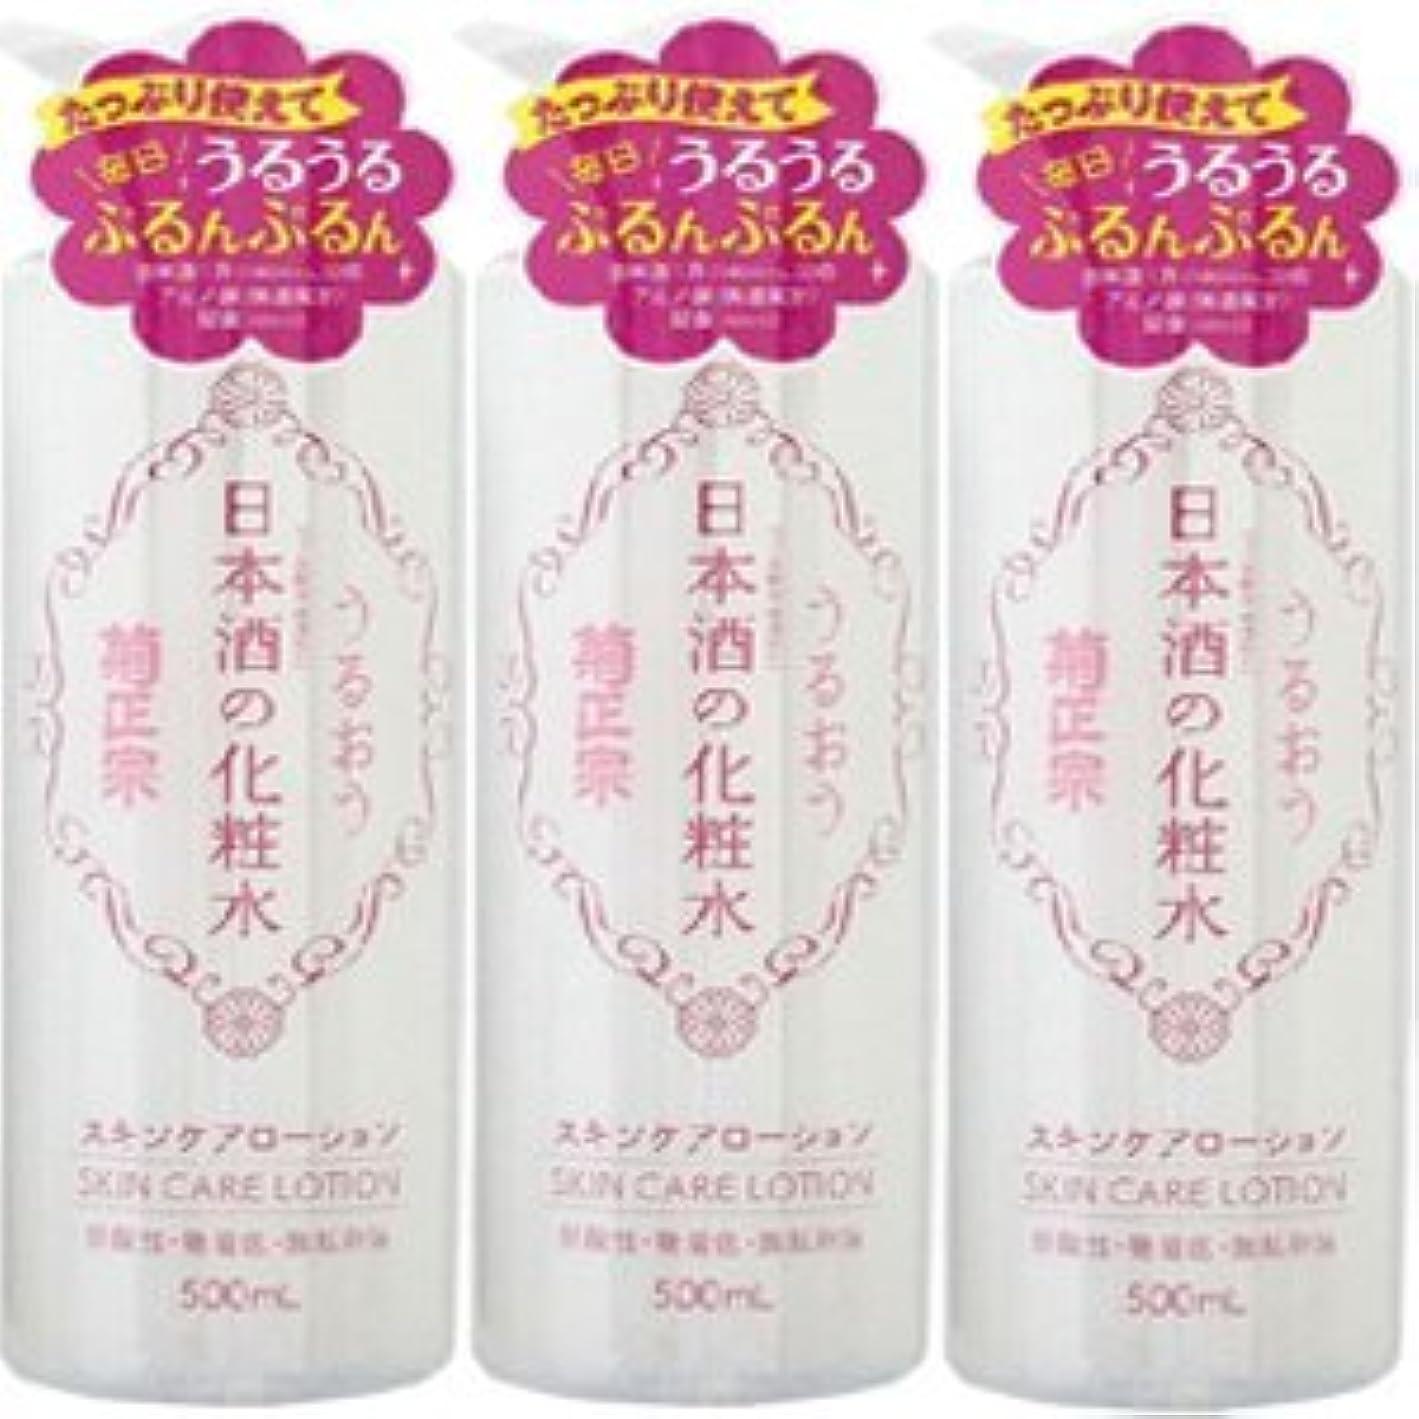 並外れて協同マニア【3個】 菊正宗 日本酒の化粧水 500mlx3個 (4971650800486)